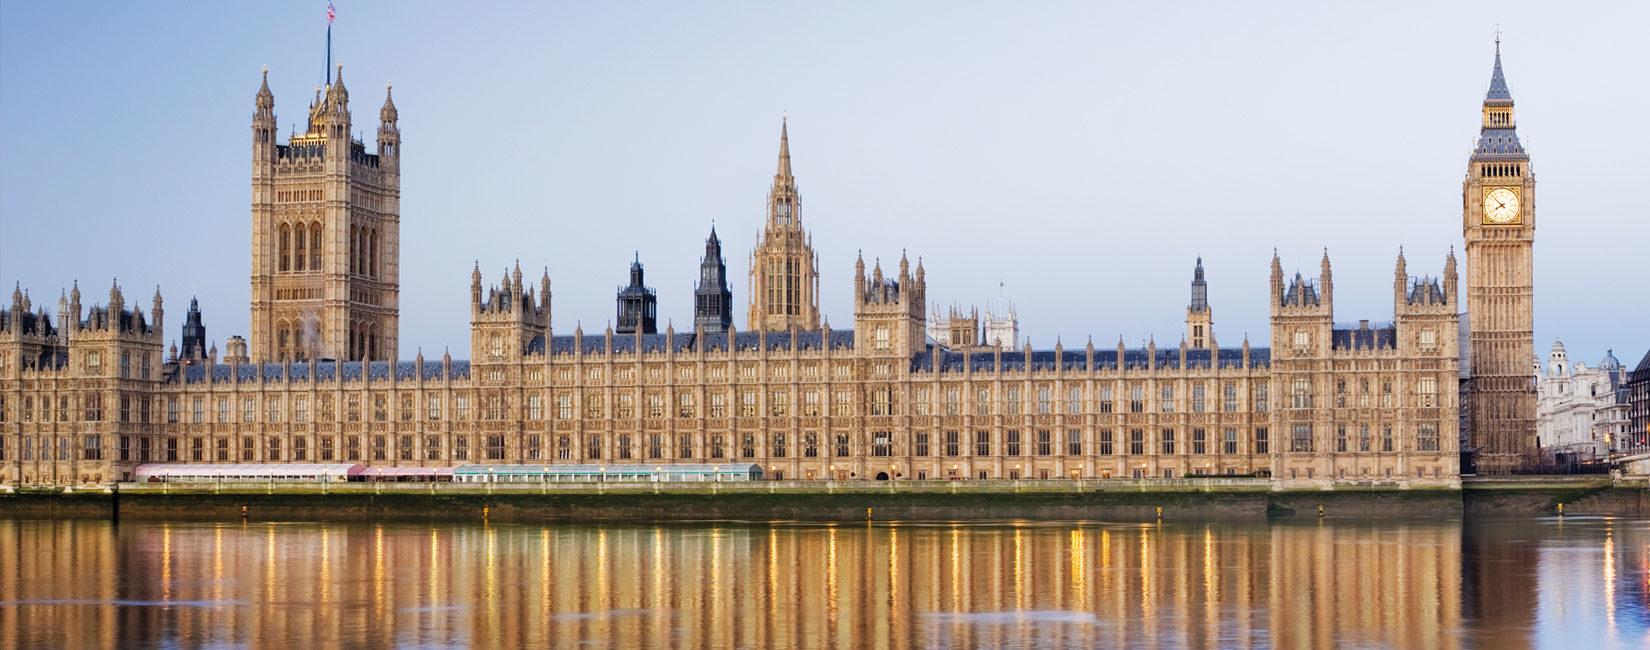 Fjalimi i Kalifit të Xhematit Ahmedia në Parlamentin Britanik | Islami është fe e paqes dhe e dhembshurisë